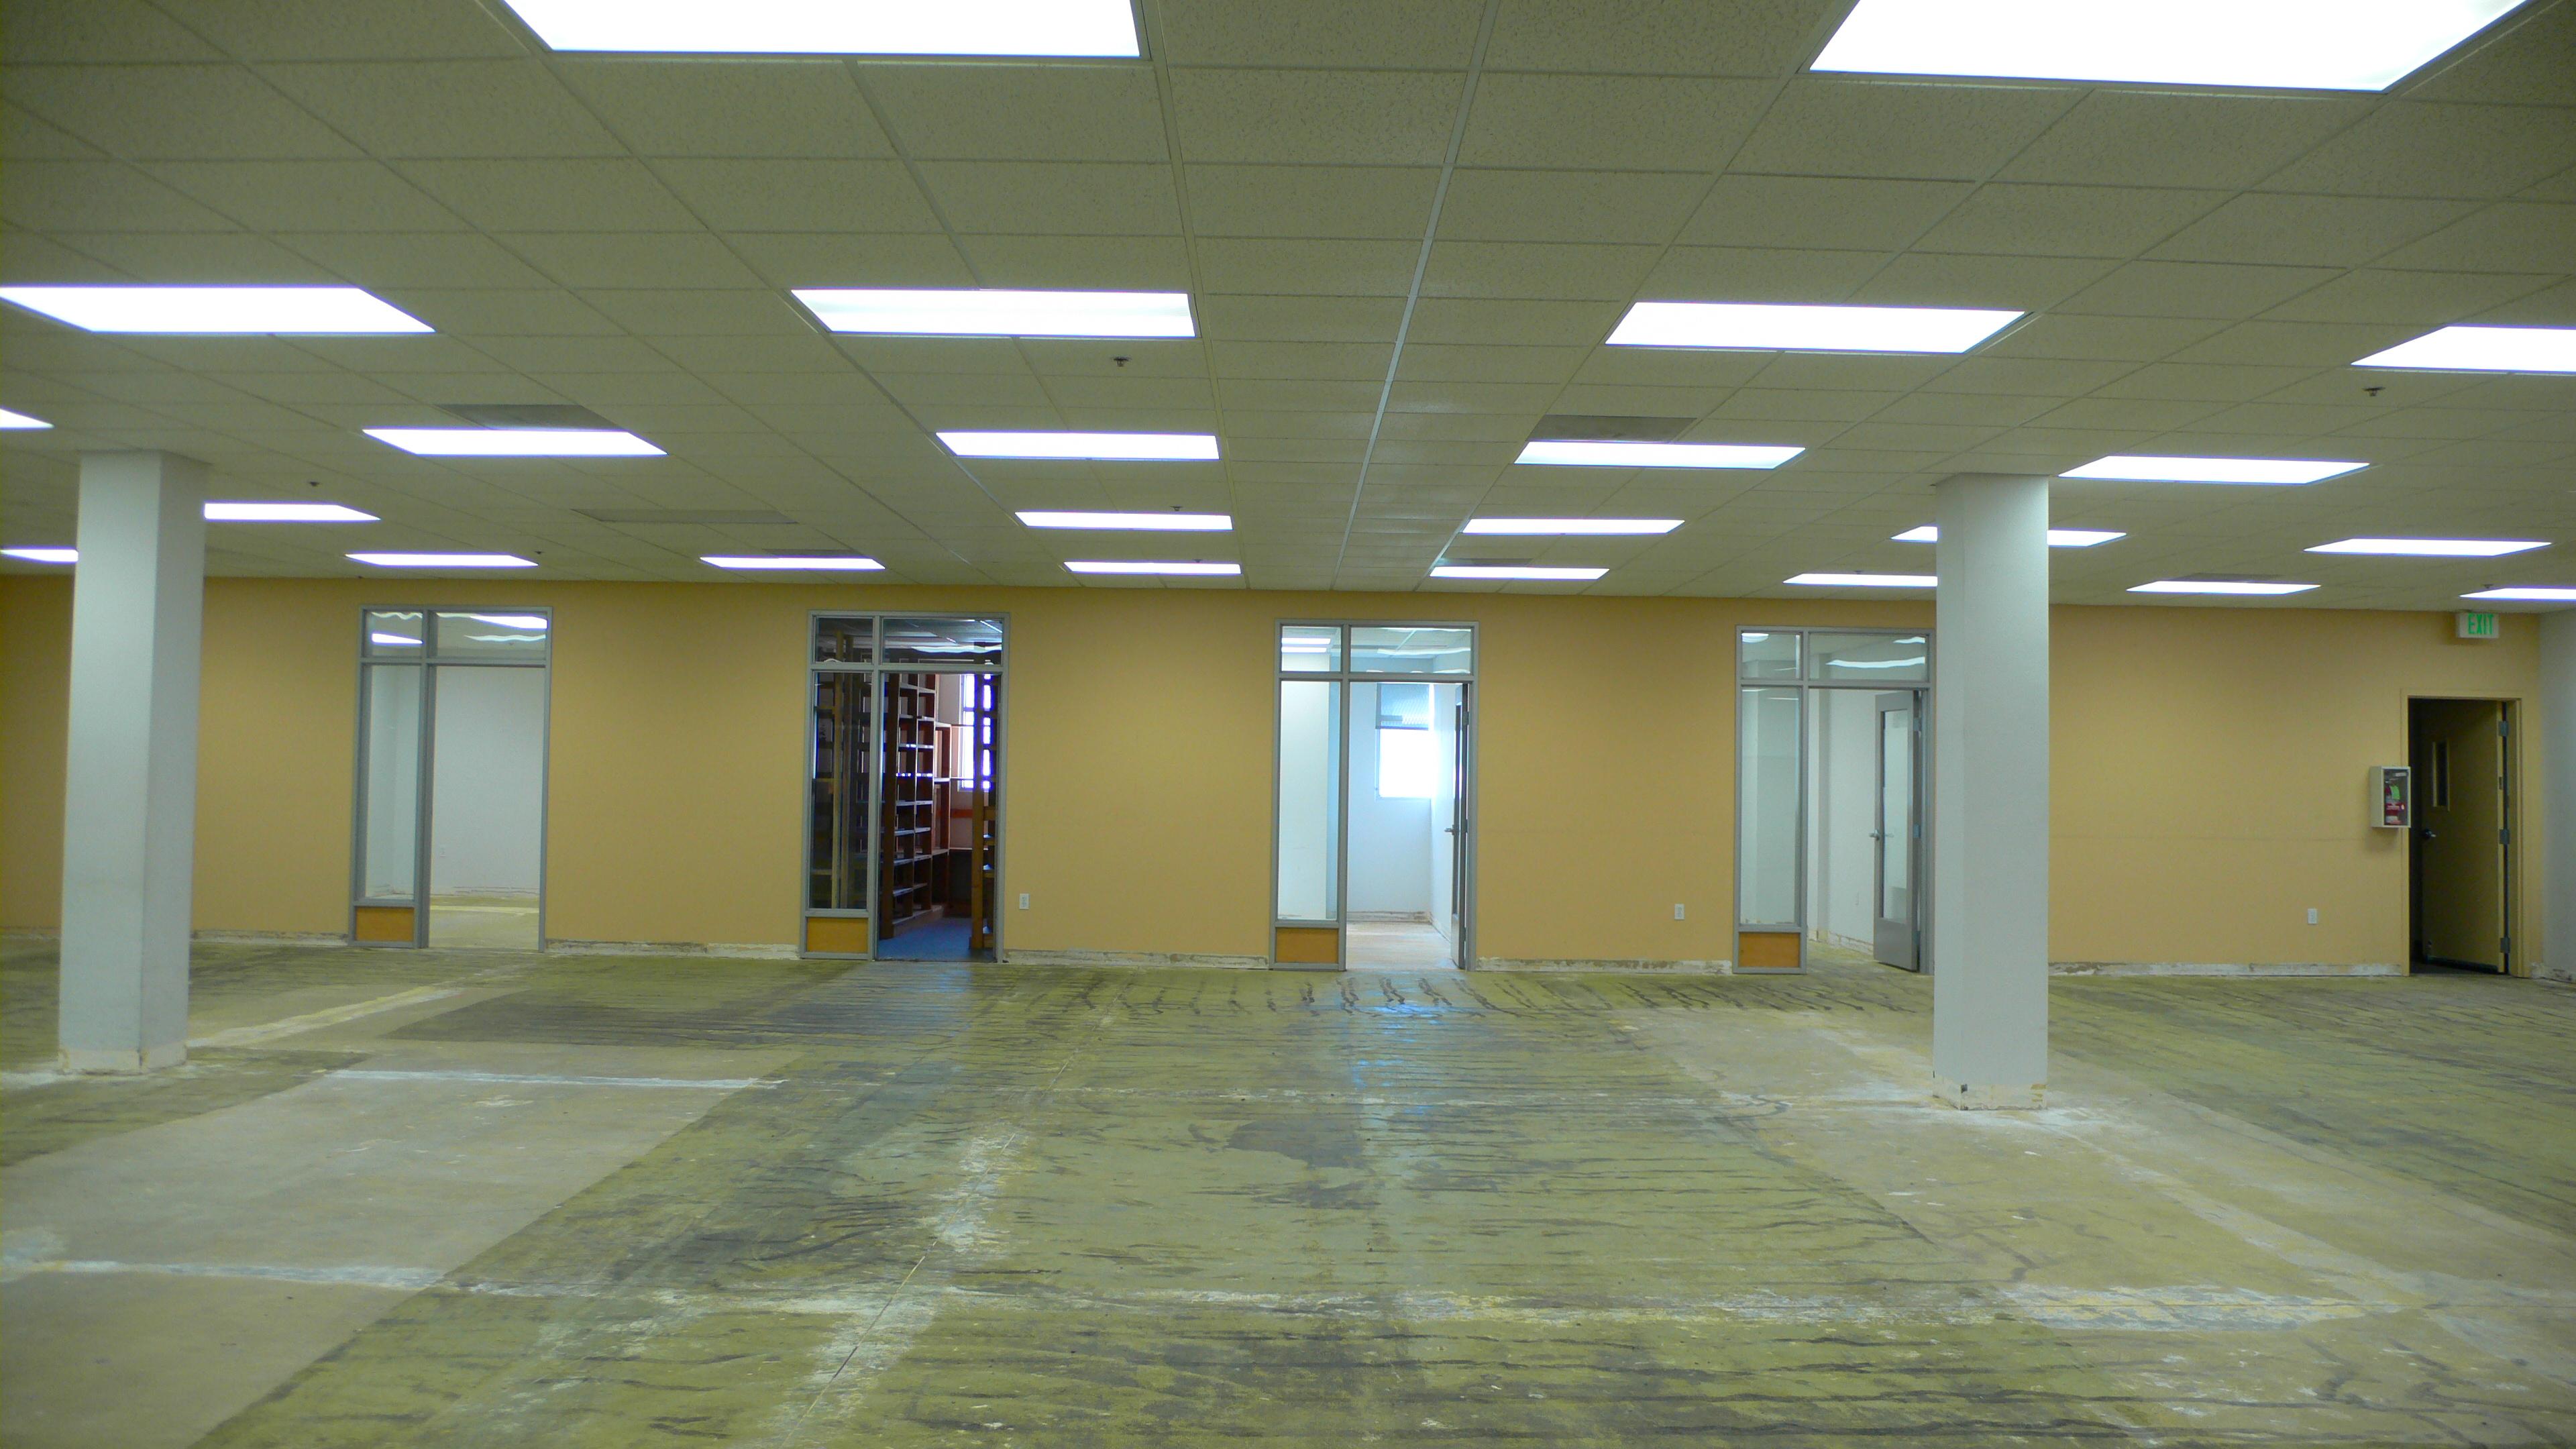 3741 interior 11 fl 1.jpg